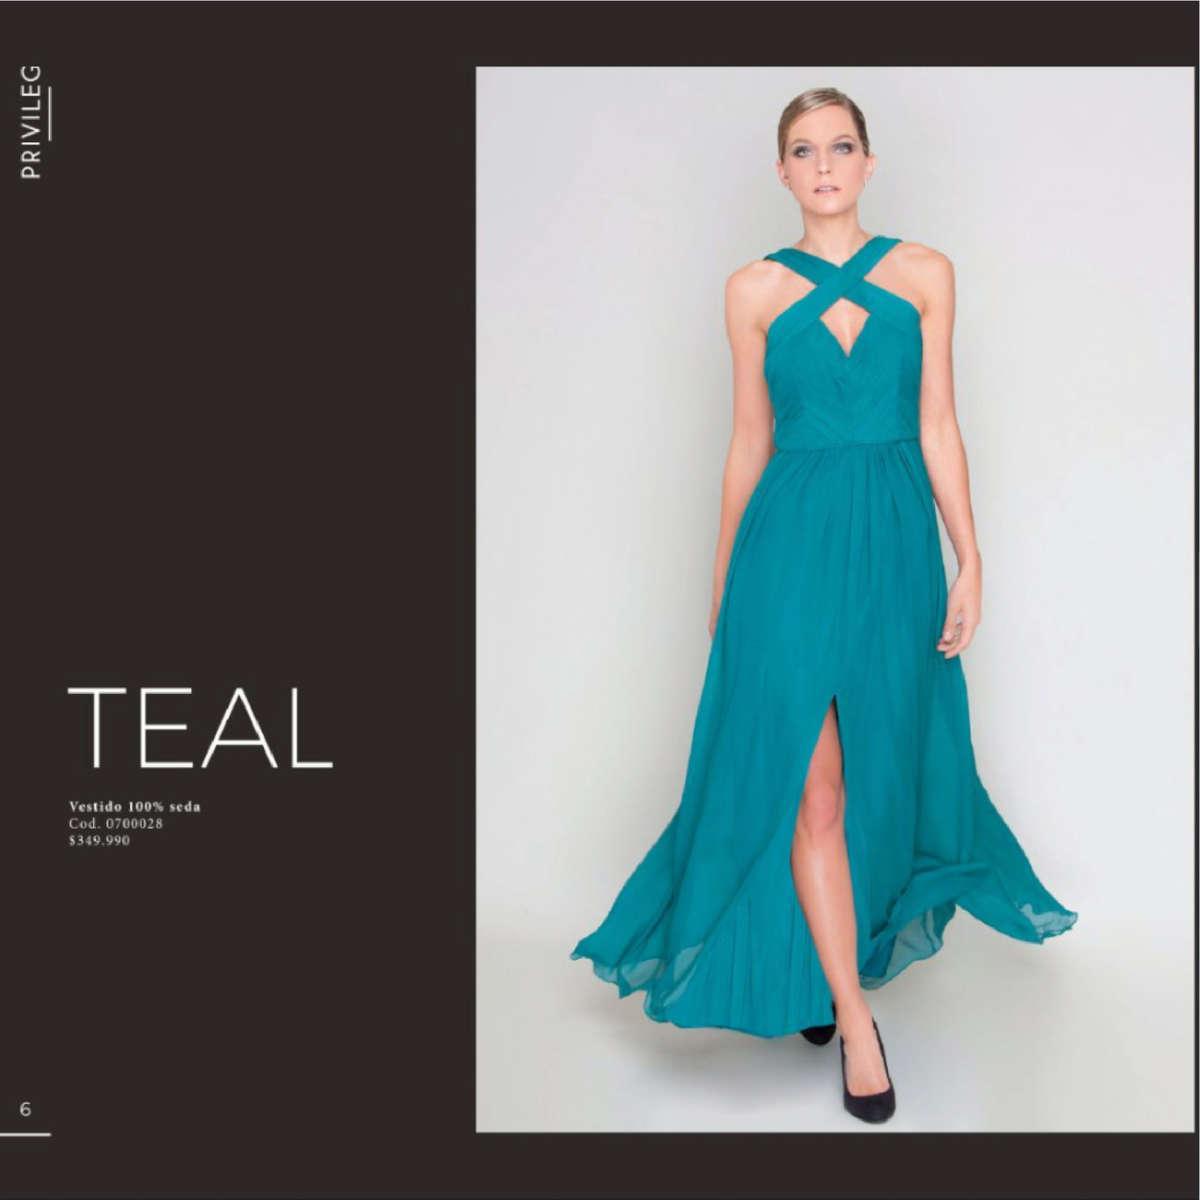 Comprar Vestido de seda - ofertas y tiendas - Ofertia